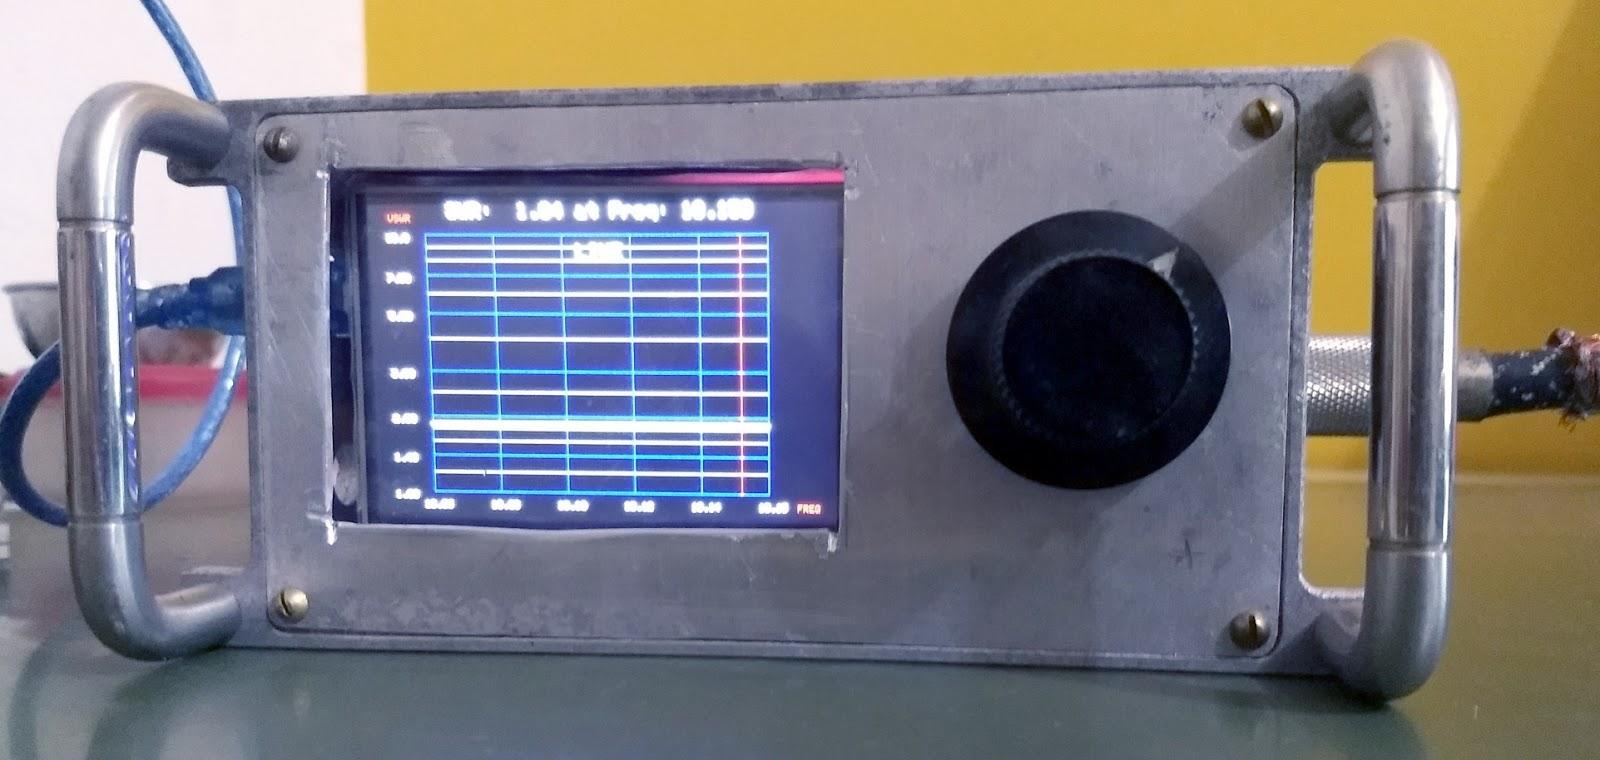 Antenna Analyzer (W8TEE/K2ZIA with mods by WA2FZW/VK3PE